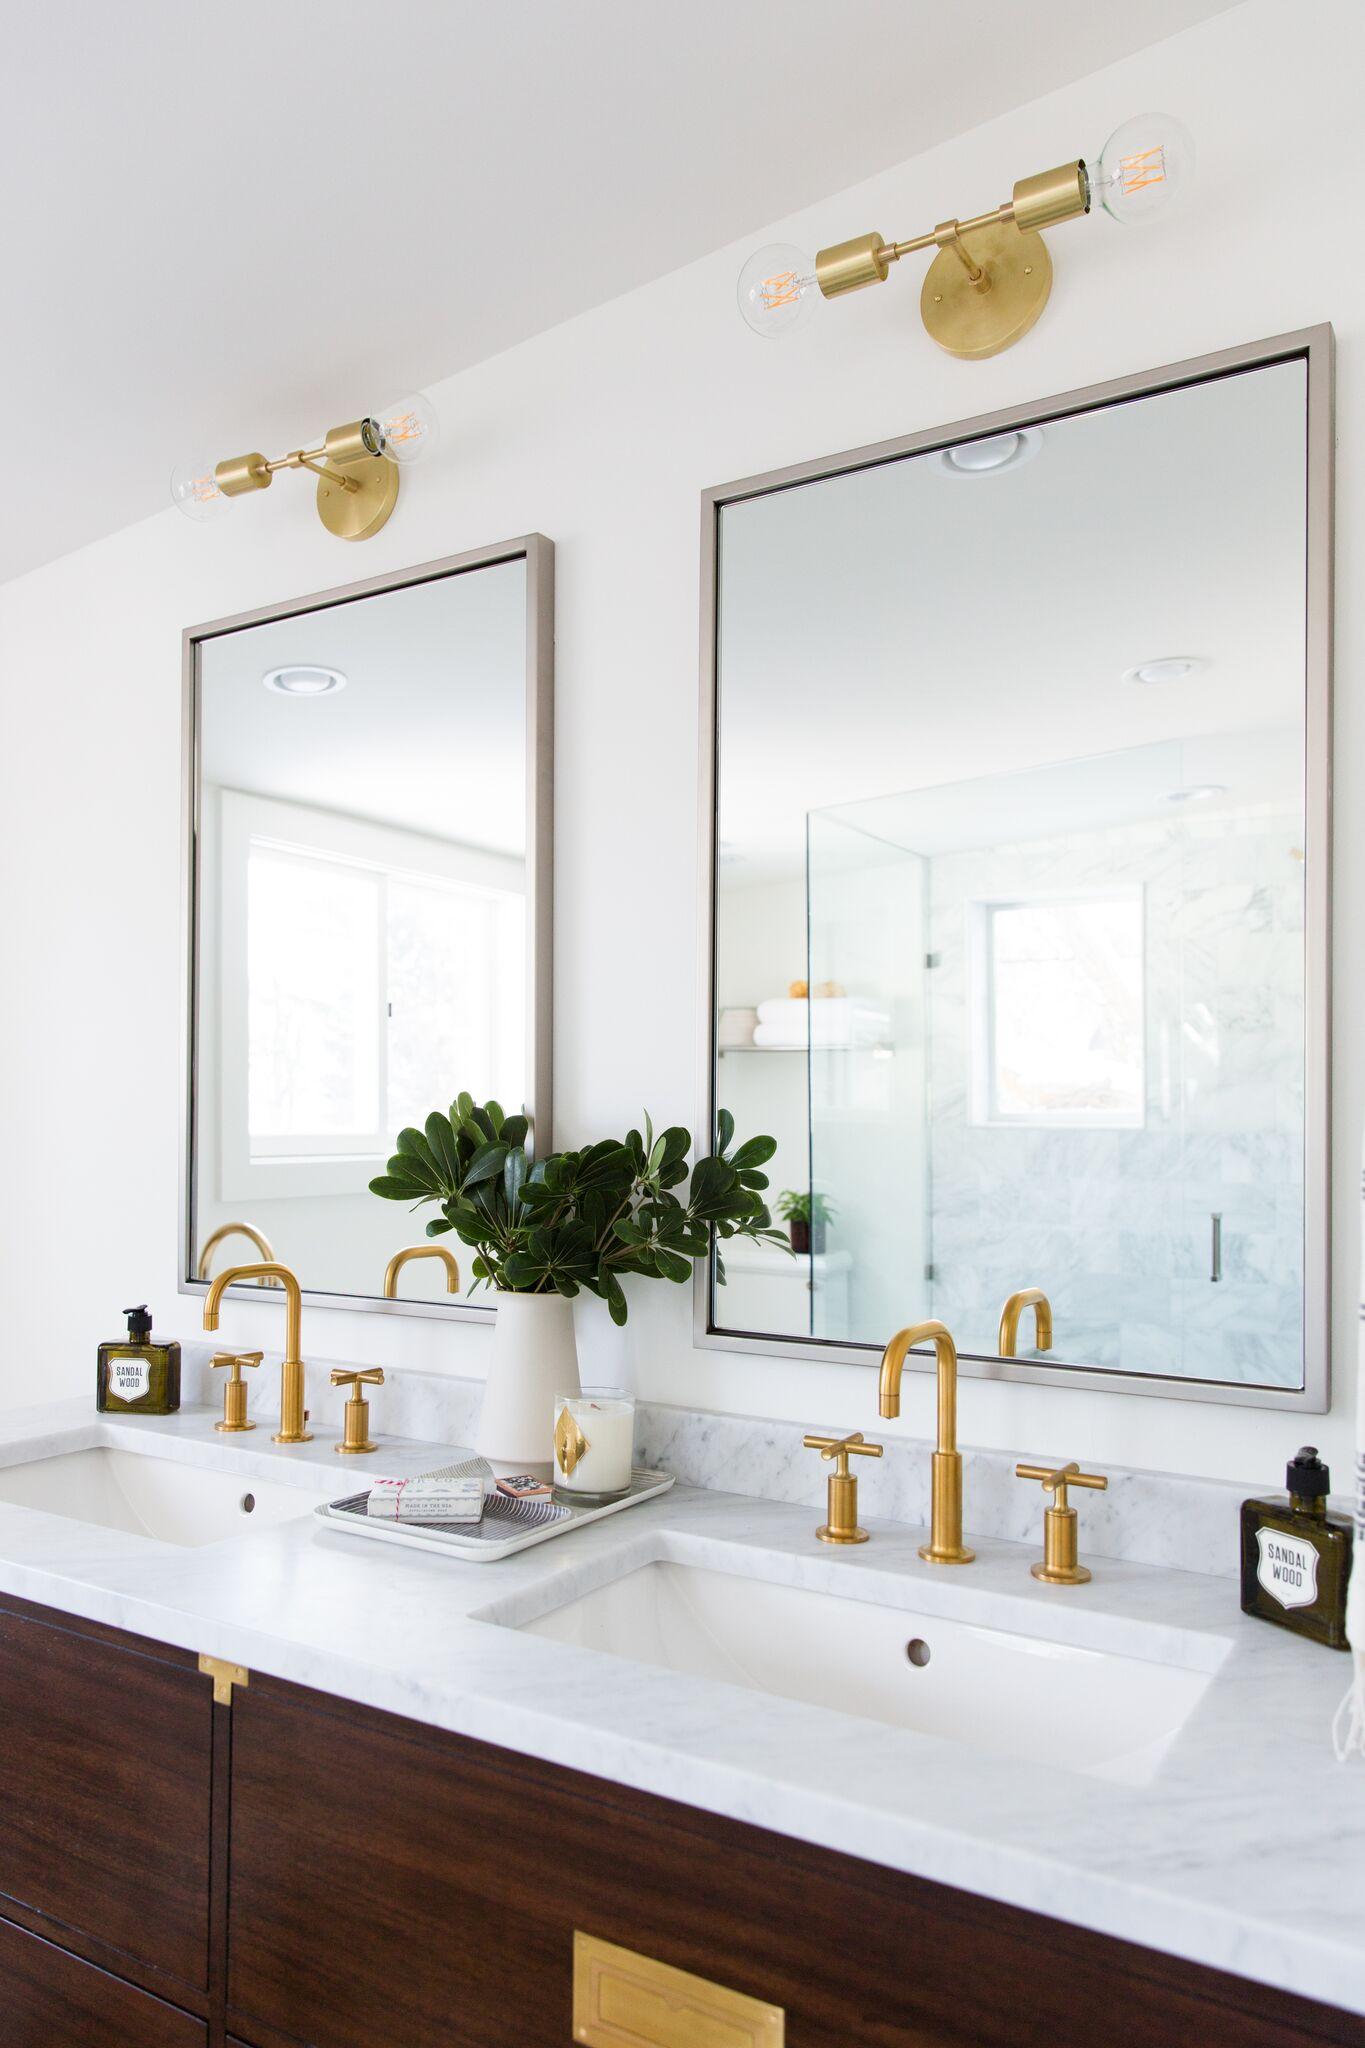 dubbele-spiegel-badkamer